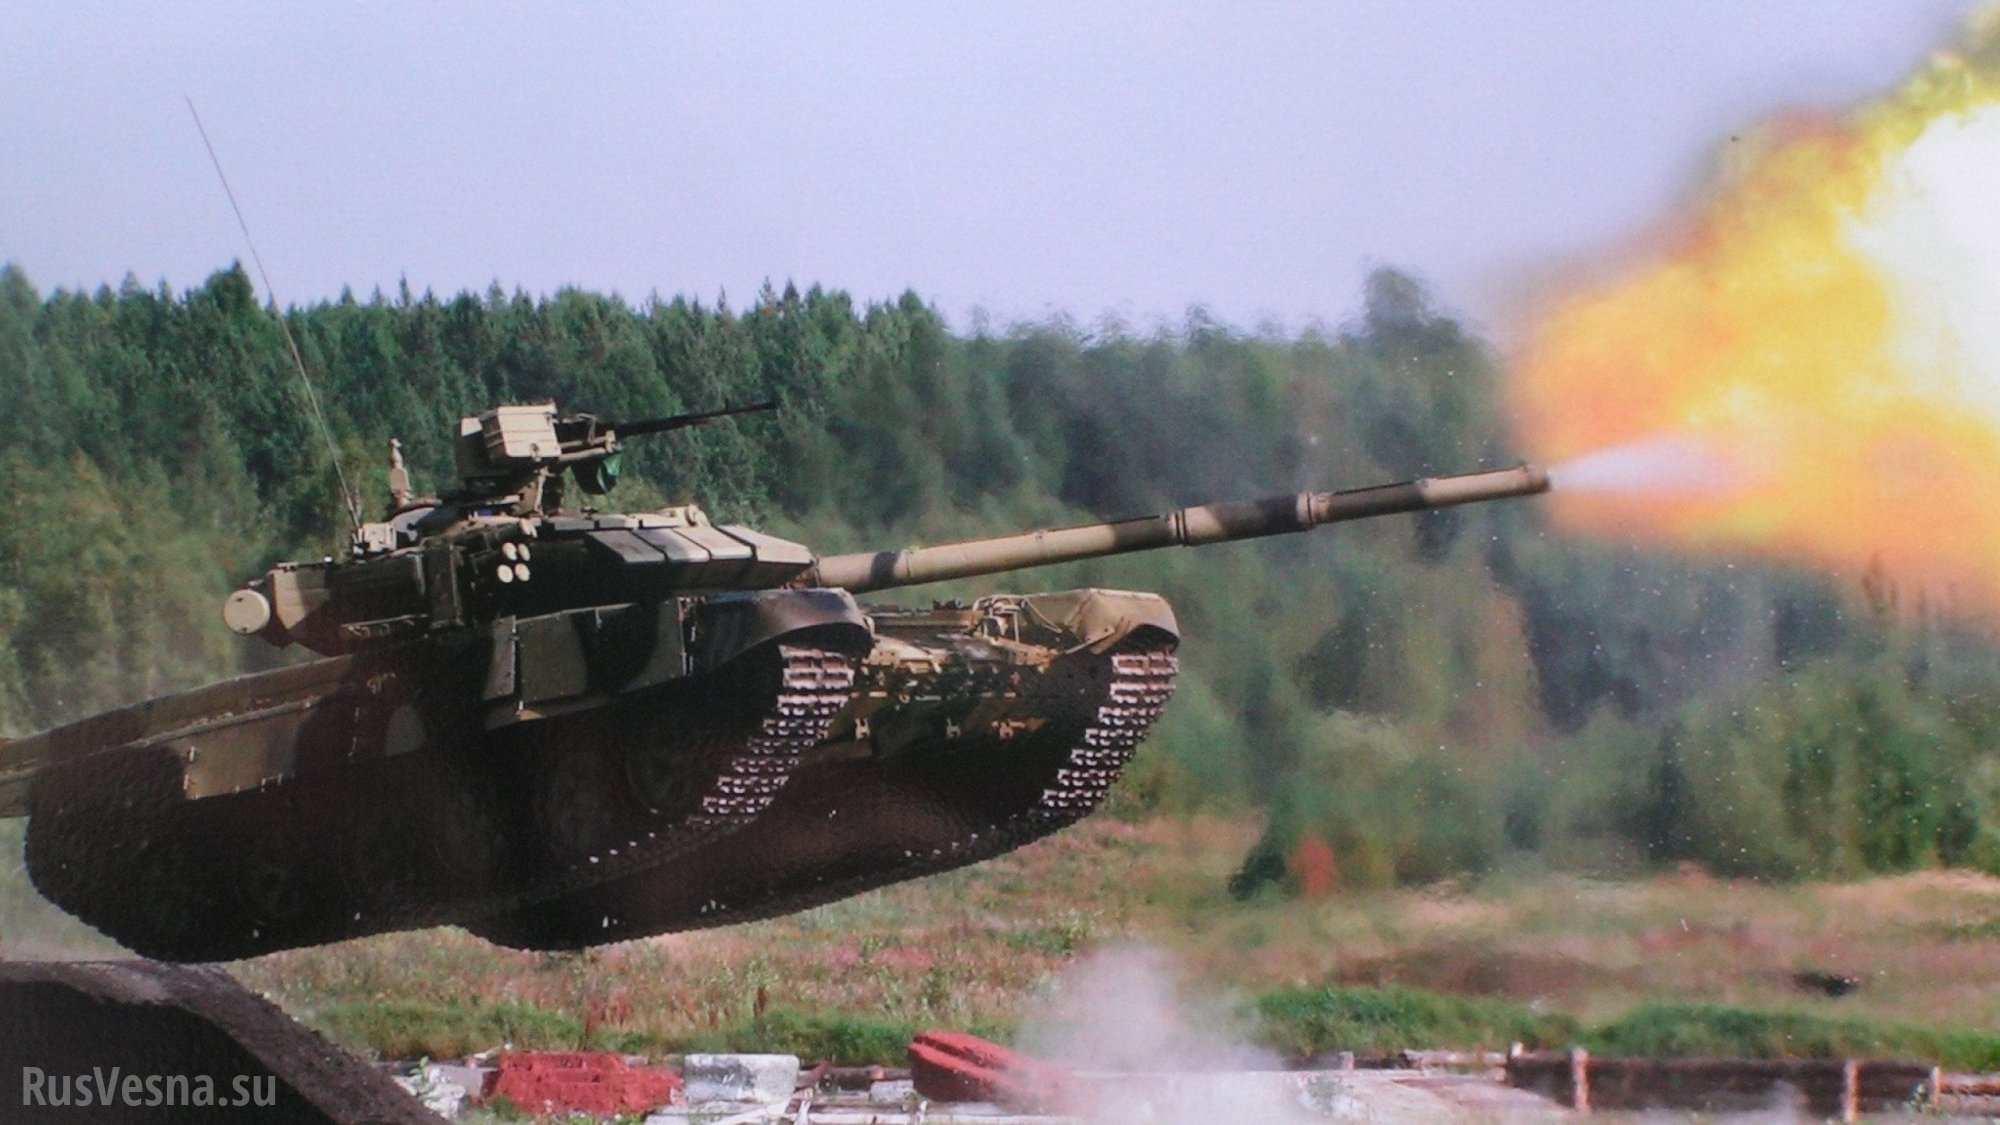 Русија ће Србији испоручити 30 тенкова Т-72 и 30 борбених возила БРДМ-2